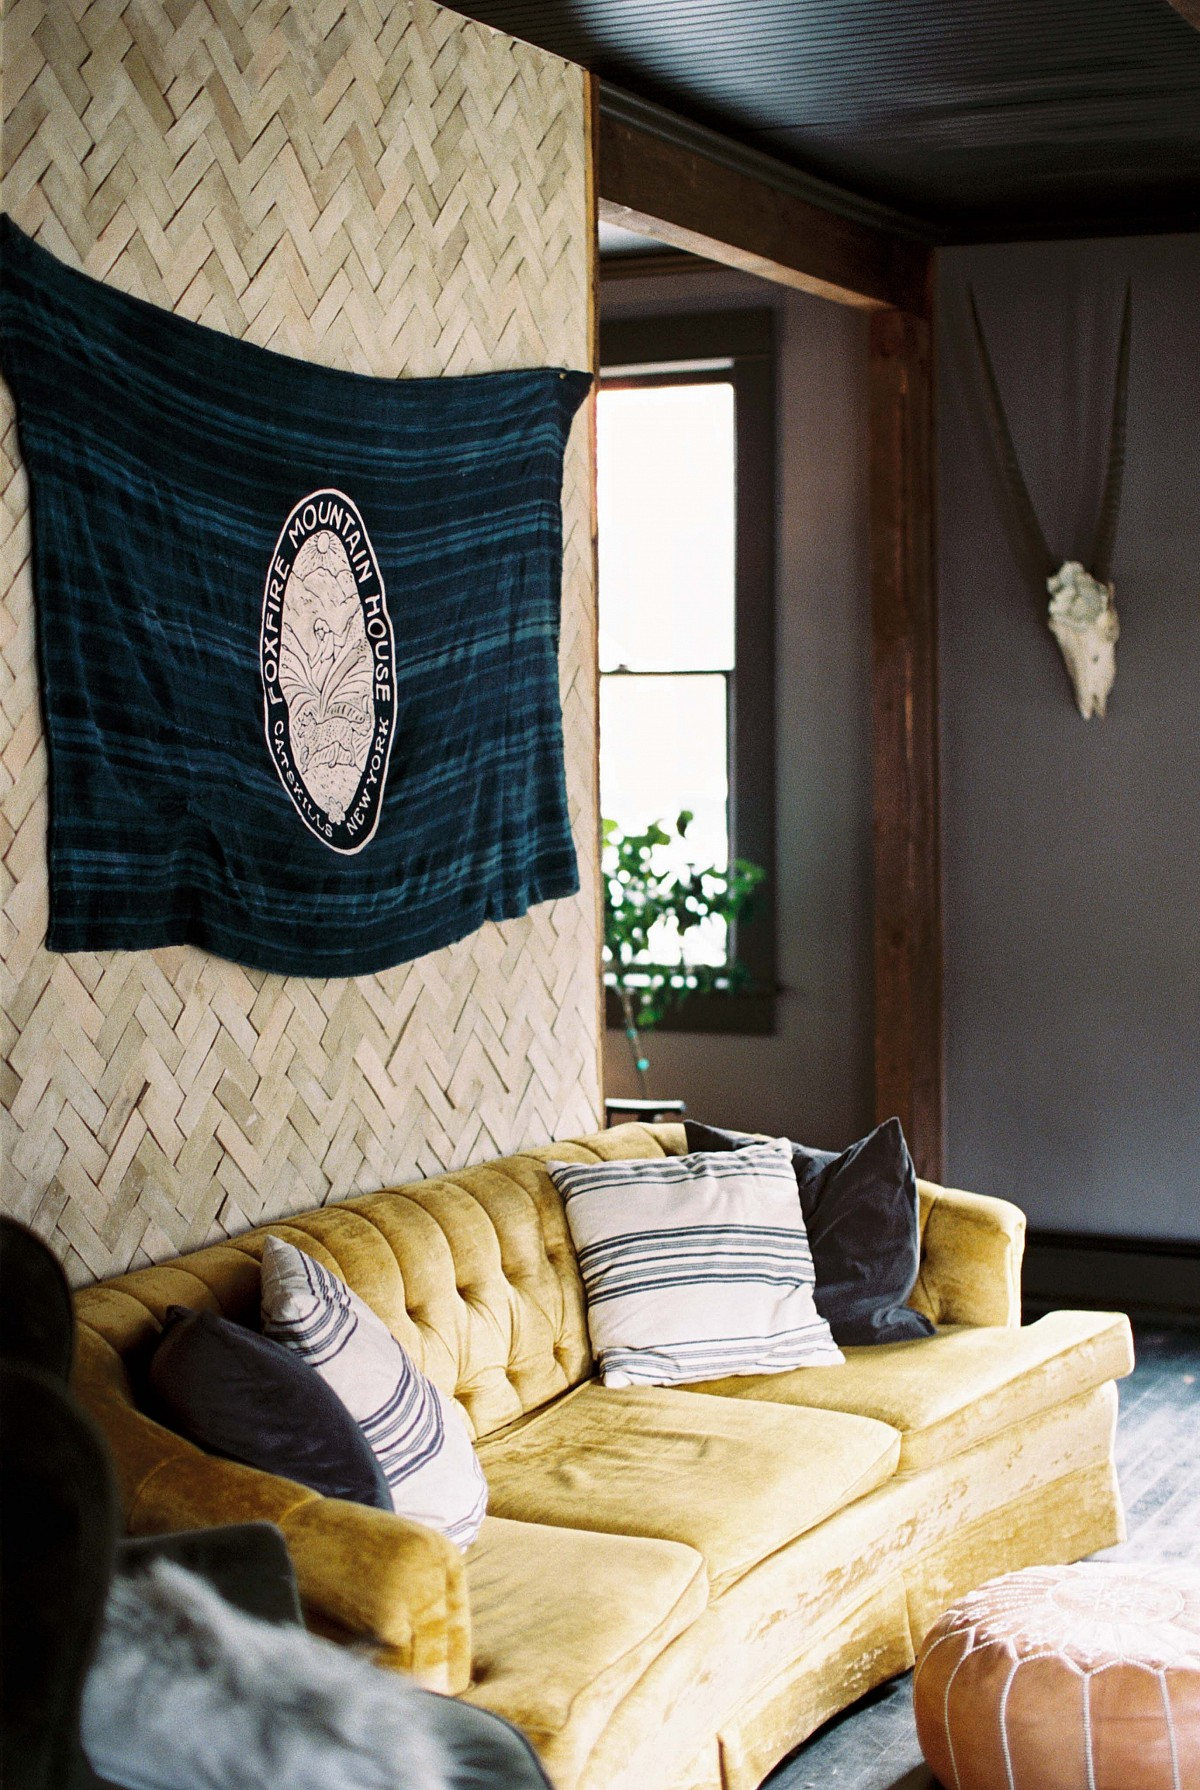 Cozy Catskills Elopement in Opulent Tones